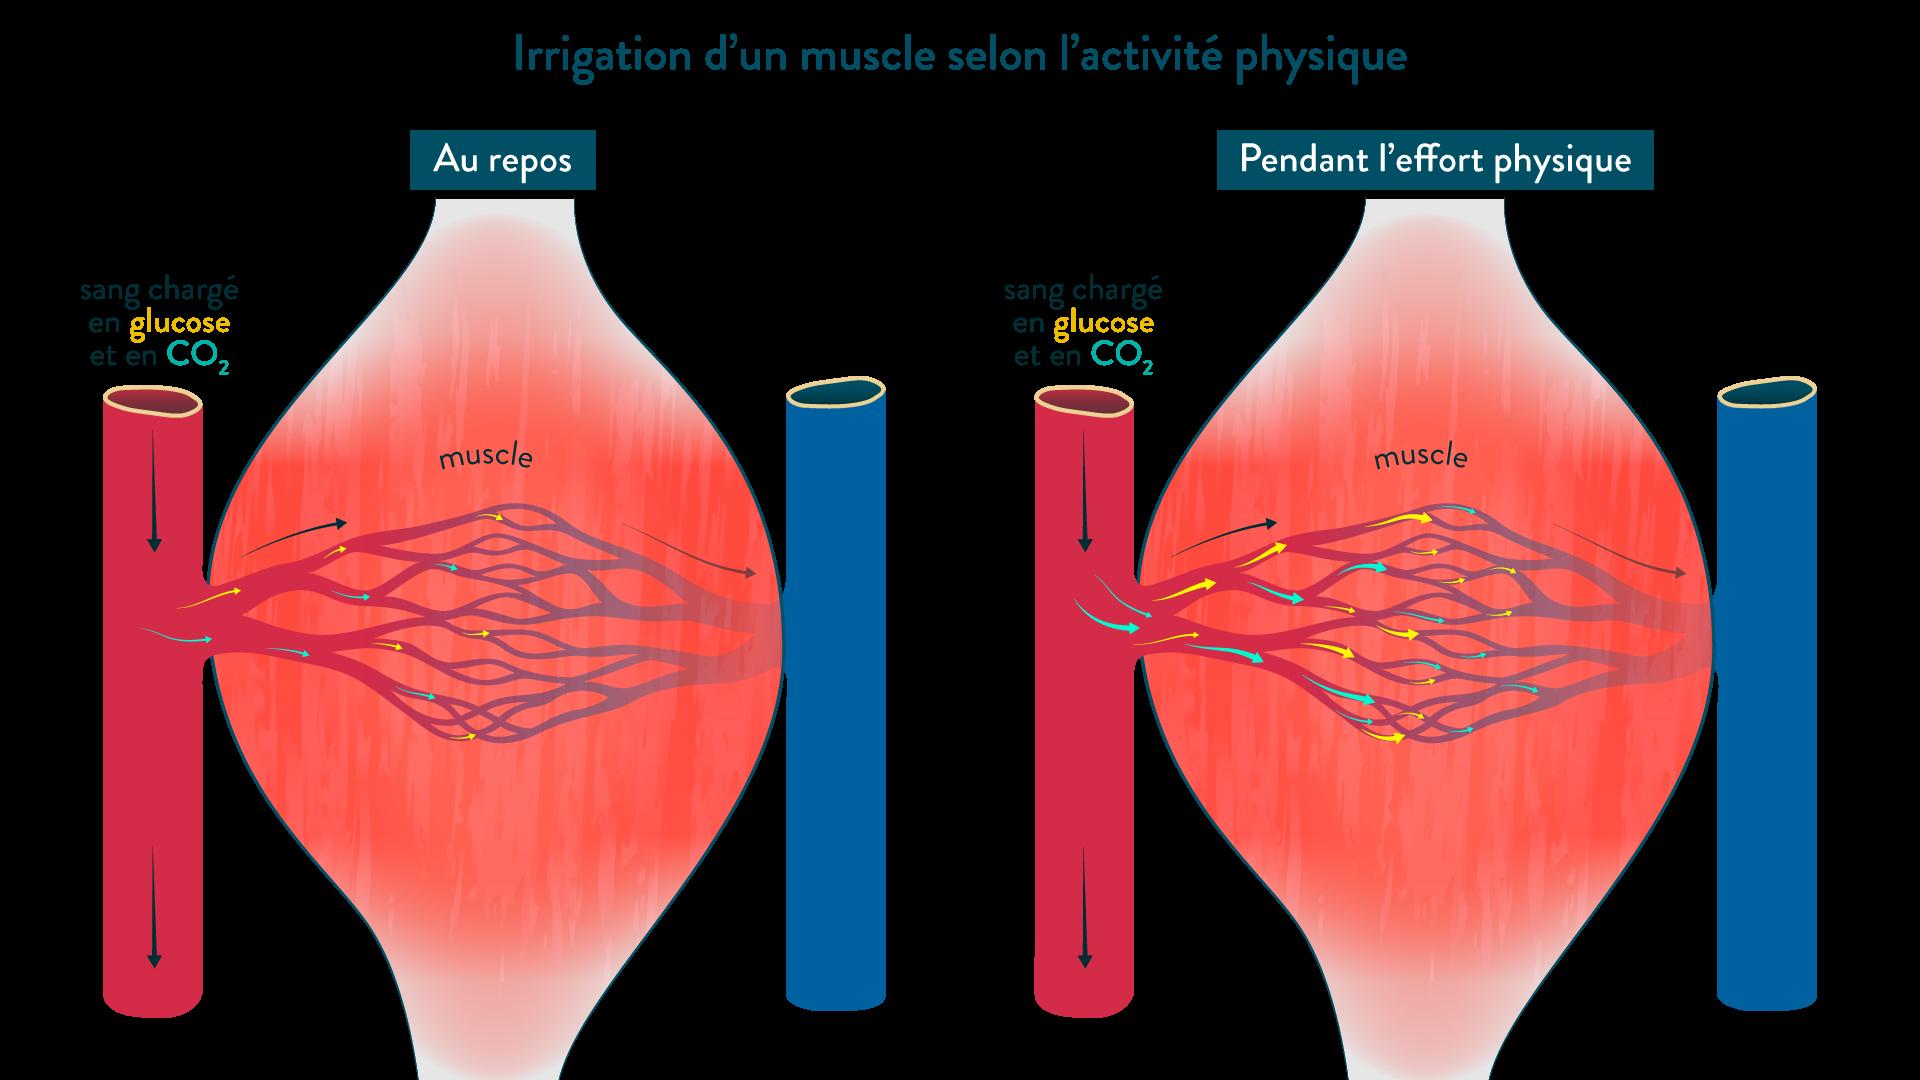 Irrigation d'un muscle, au repos et pendant l'effort